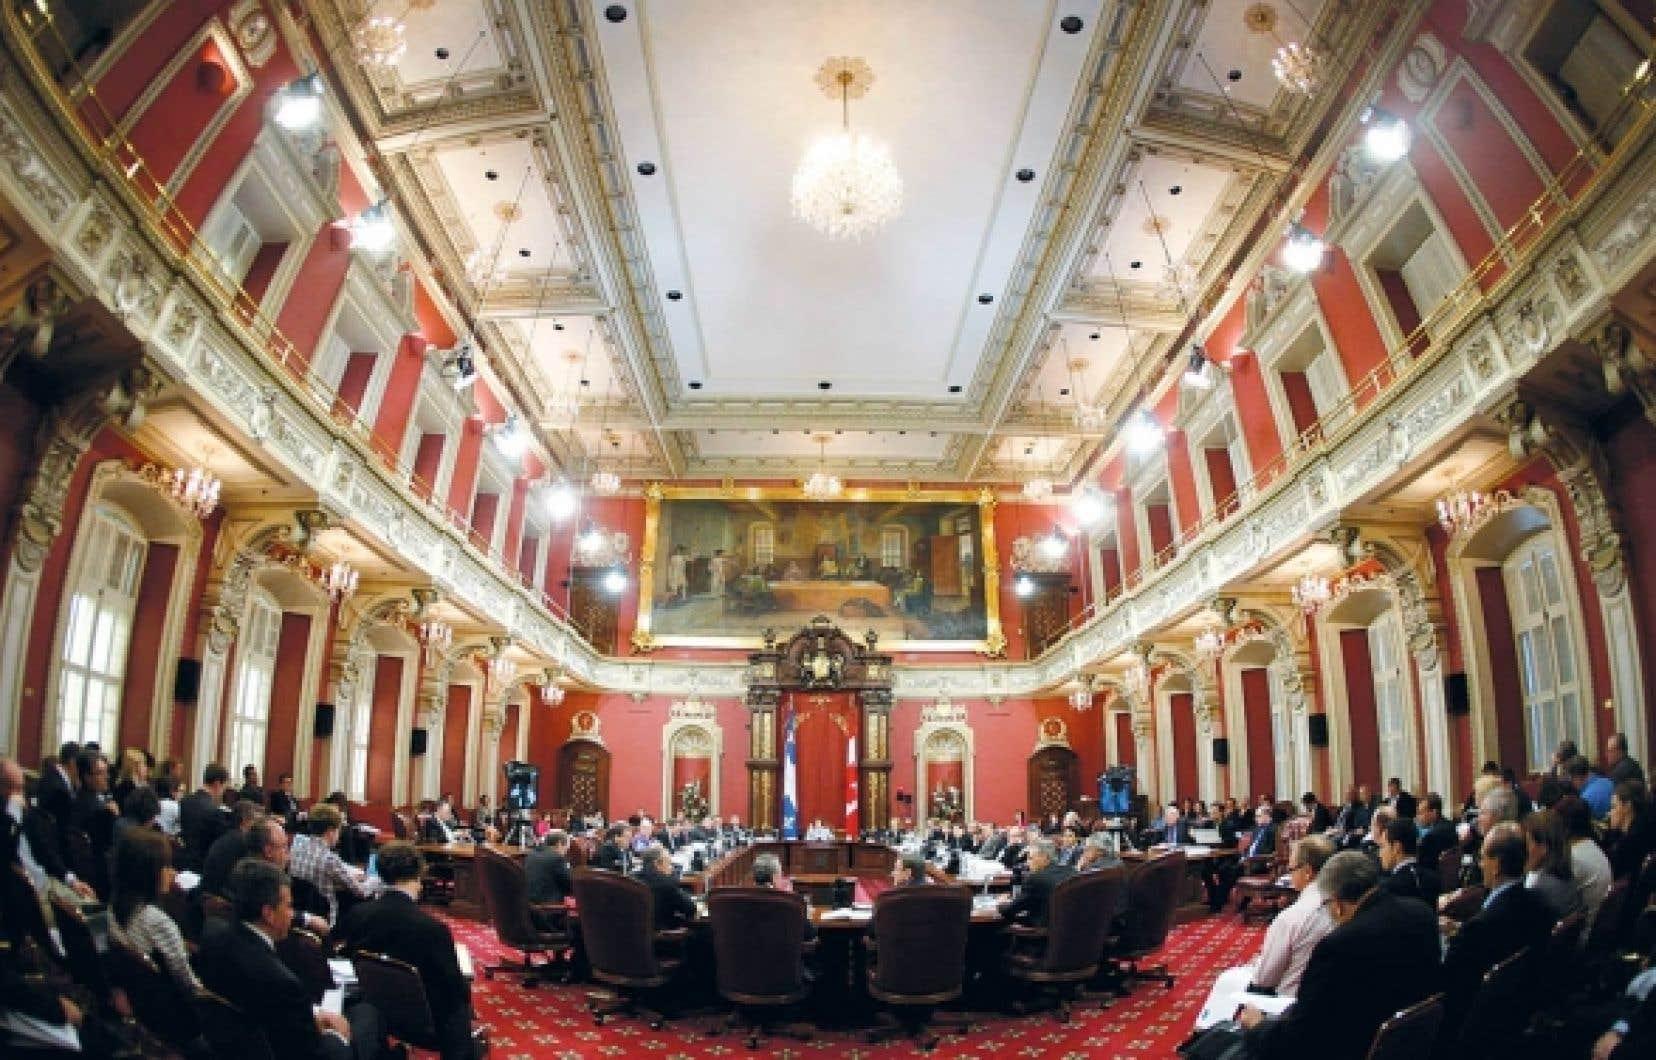 La salle du Conseil l&eacute;gislatif de l&rsquo;Assembl&eacute;e nationale du Qu&eacute;bec sert notamment aux commissions parlementaires et aux c&eacute;r&eacute;monies d&rsquo;assermentation.<br />